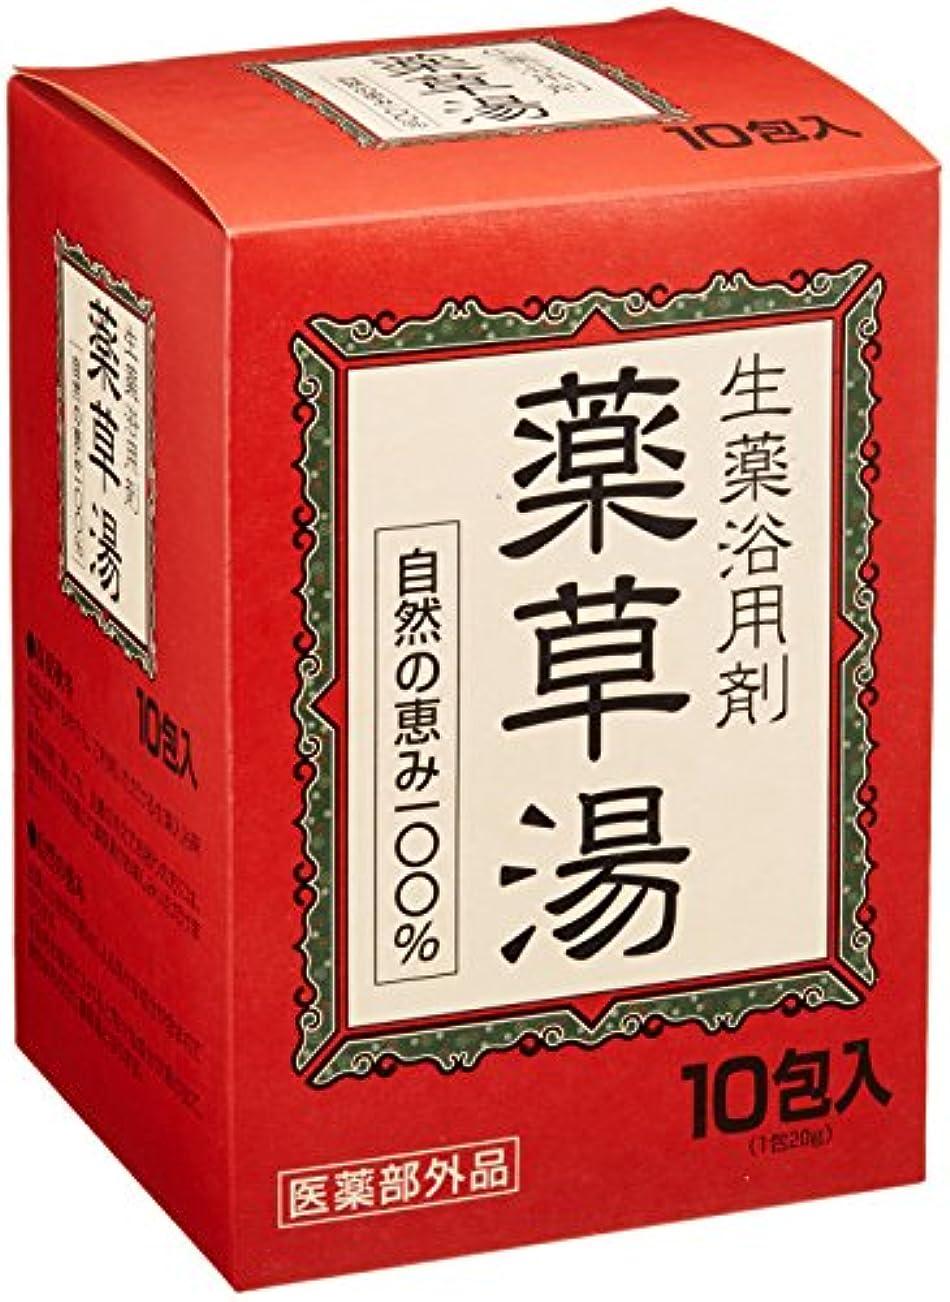 病的運動霊生薬浴用剤 薬草湯 10包